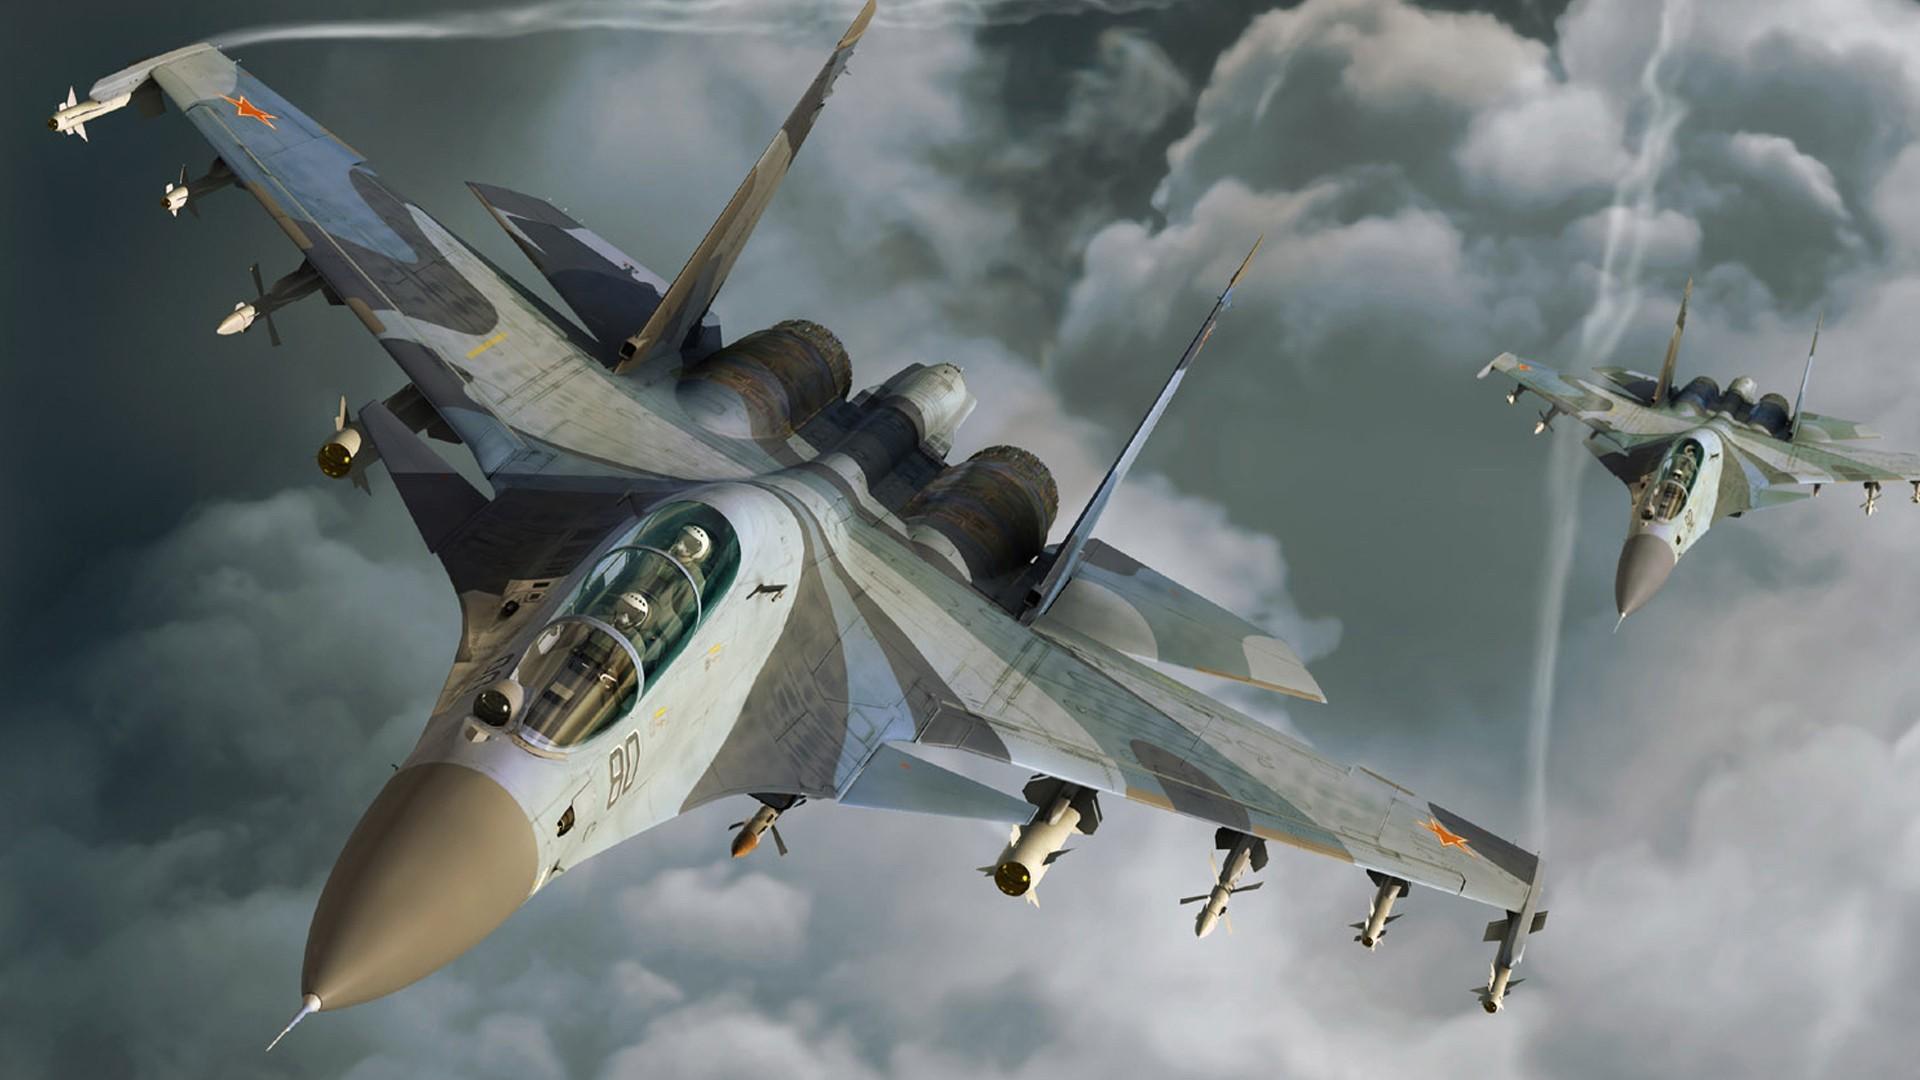 Air force academy wallpaper hd